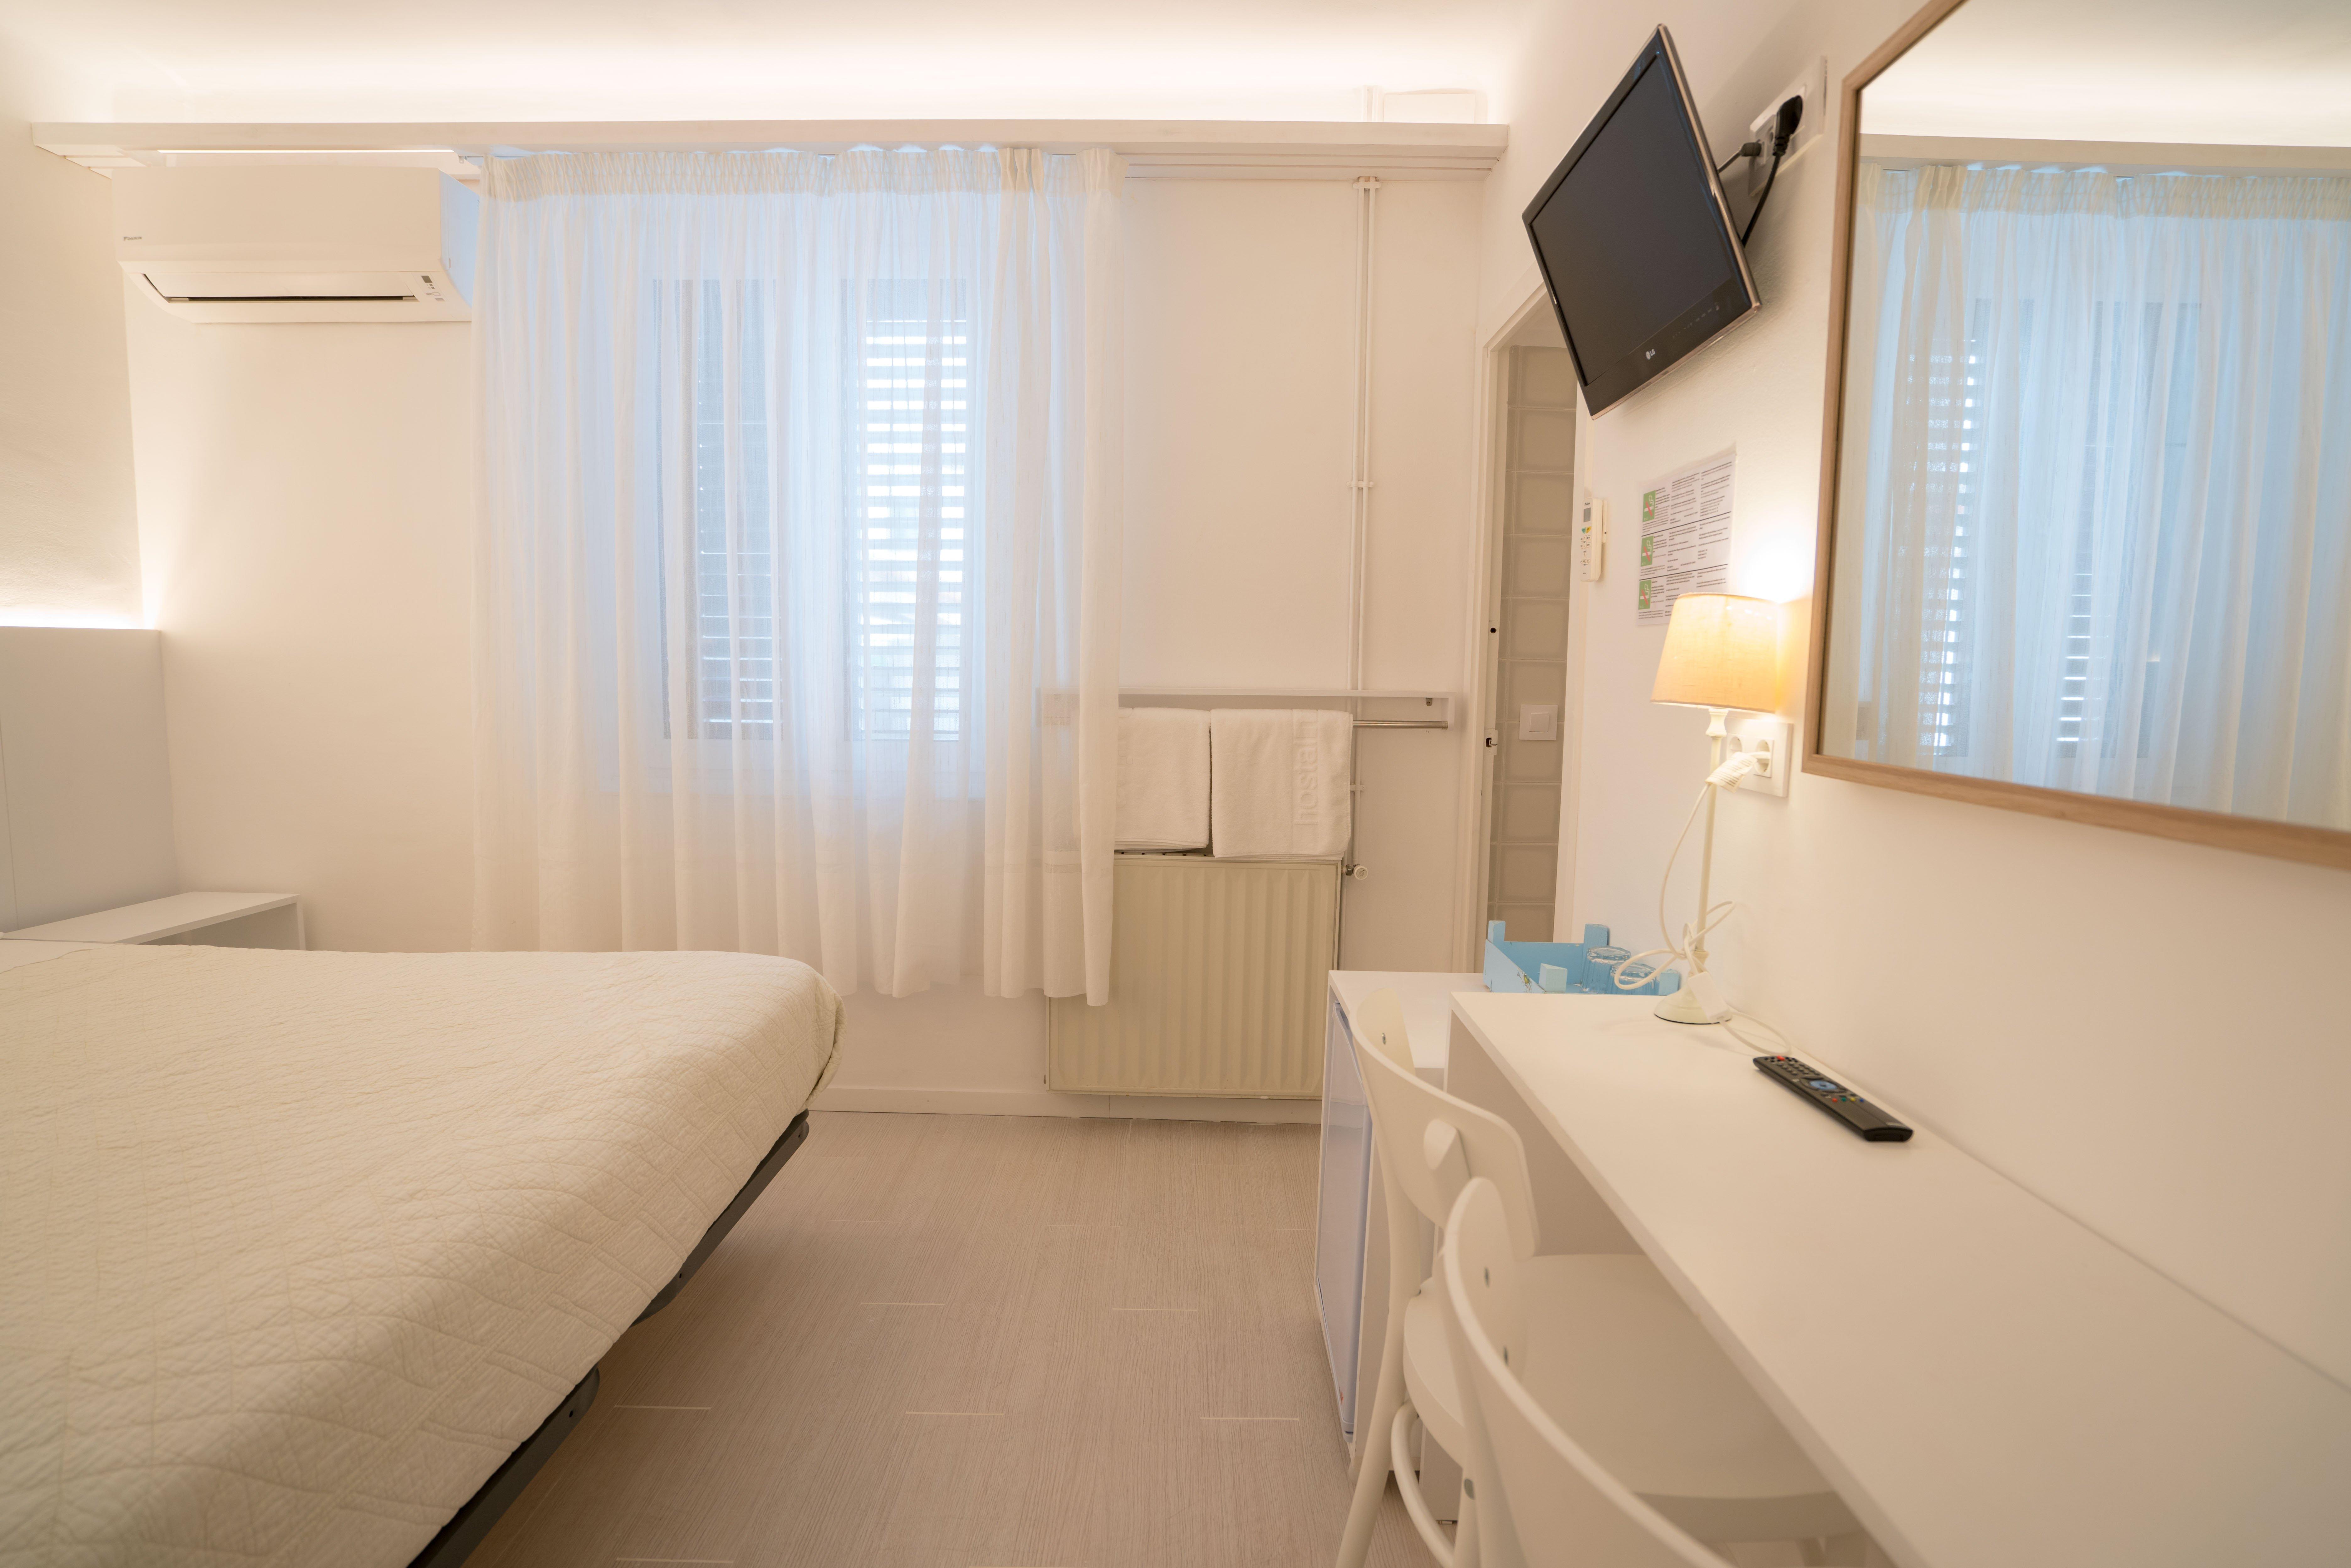 Double standar room